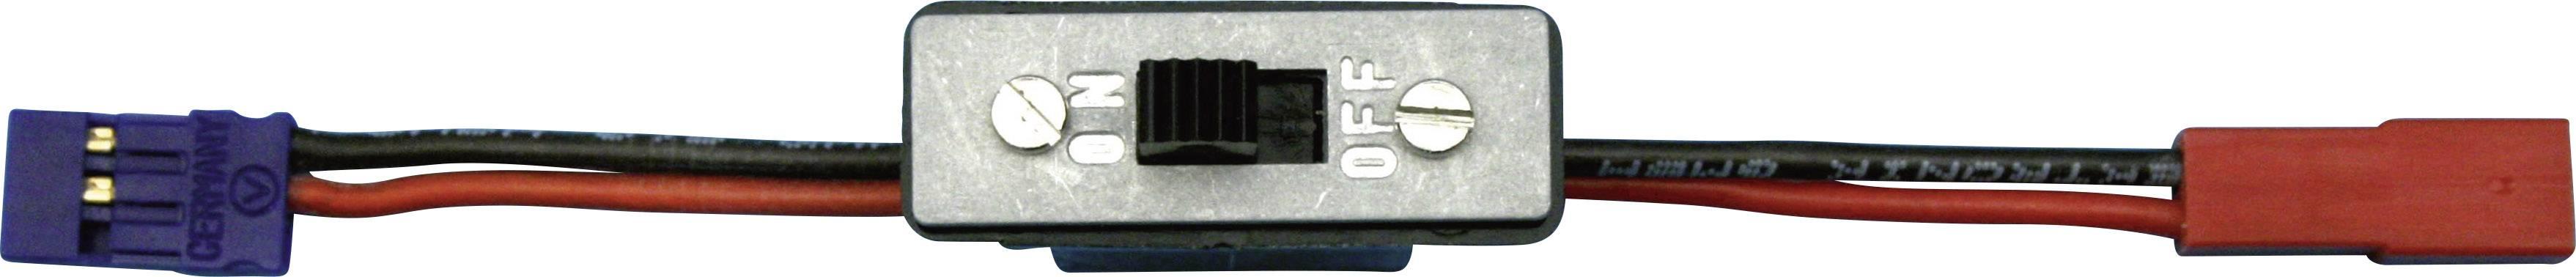 Vypínač s JR a BEC konektory Modelcraft, 0,14 mm²